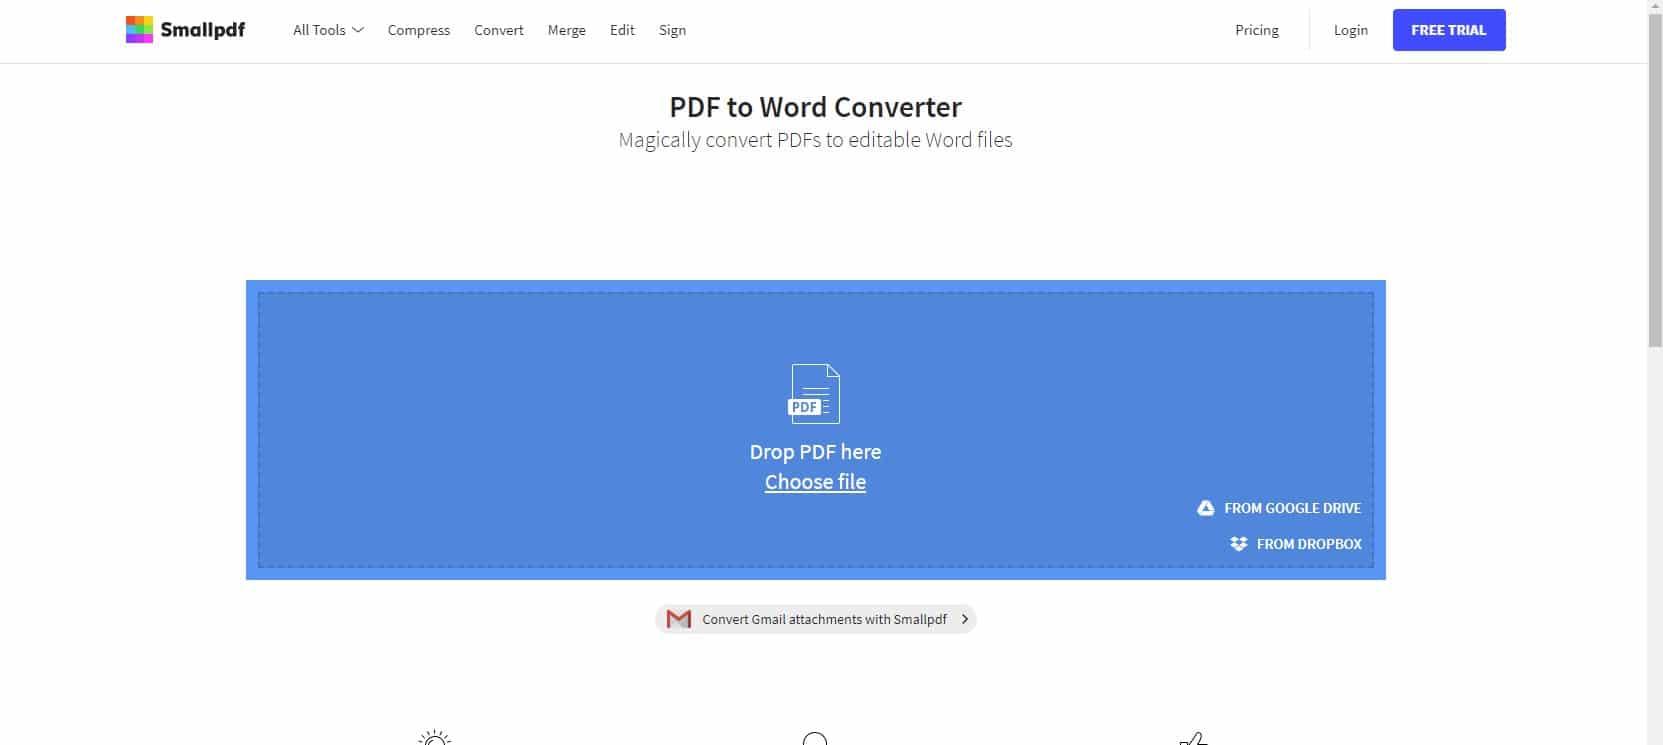 شرح كيفية إزالة العلامة المائية من ملف Pdf باستخدام موقع Small Pdf